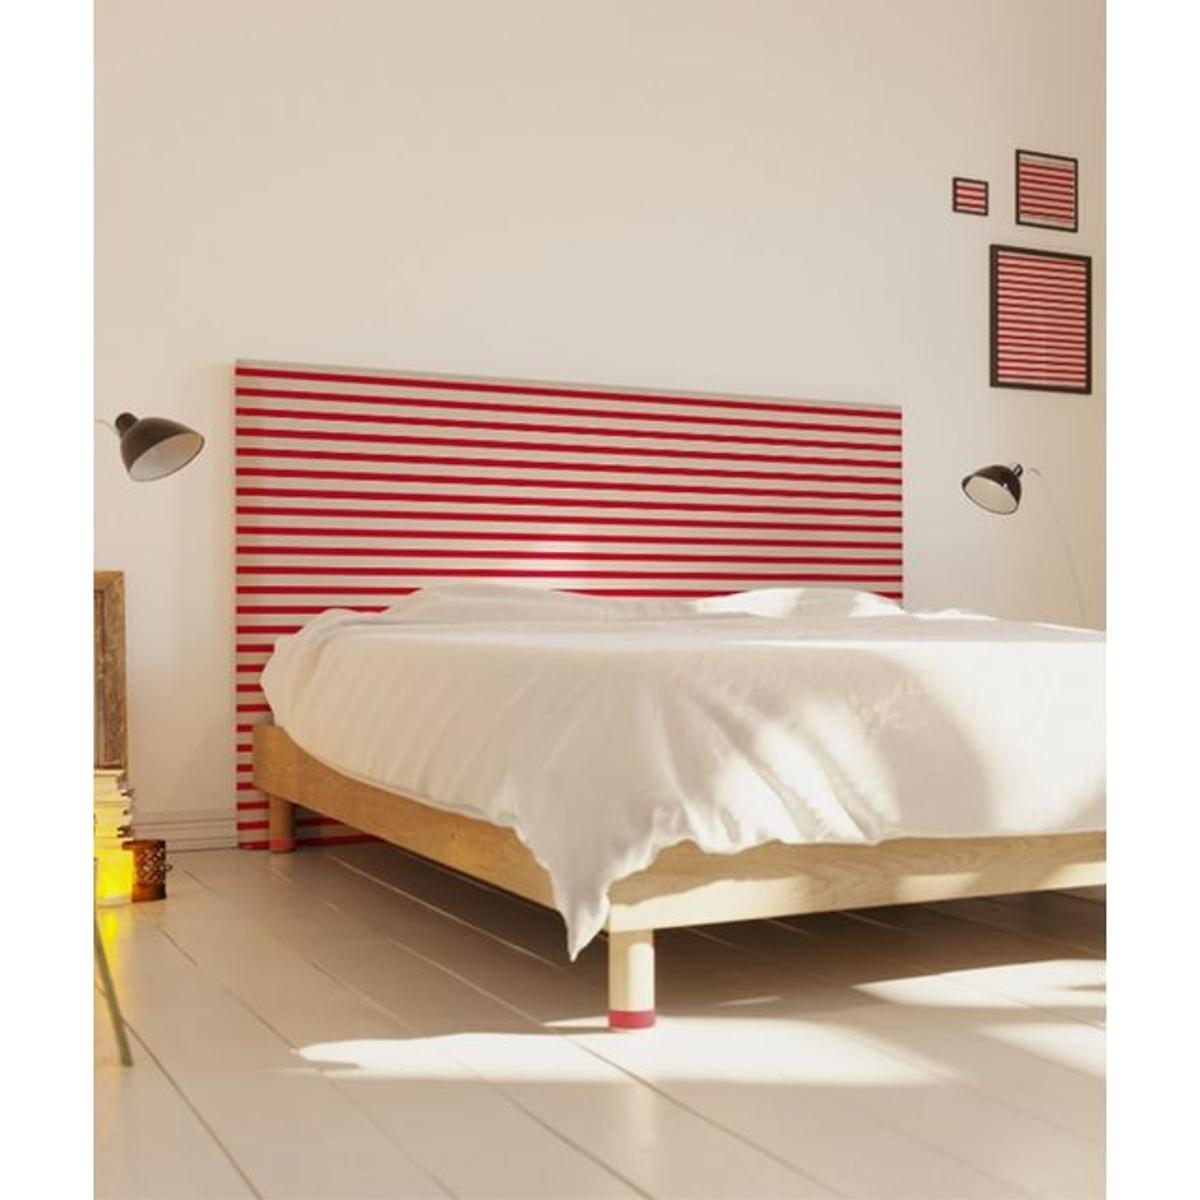 Tête de lit avec housse - Marinière - Made in France